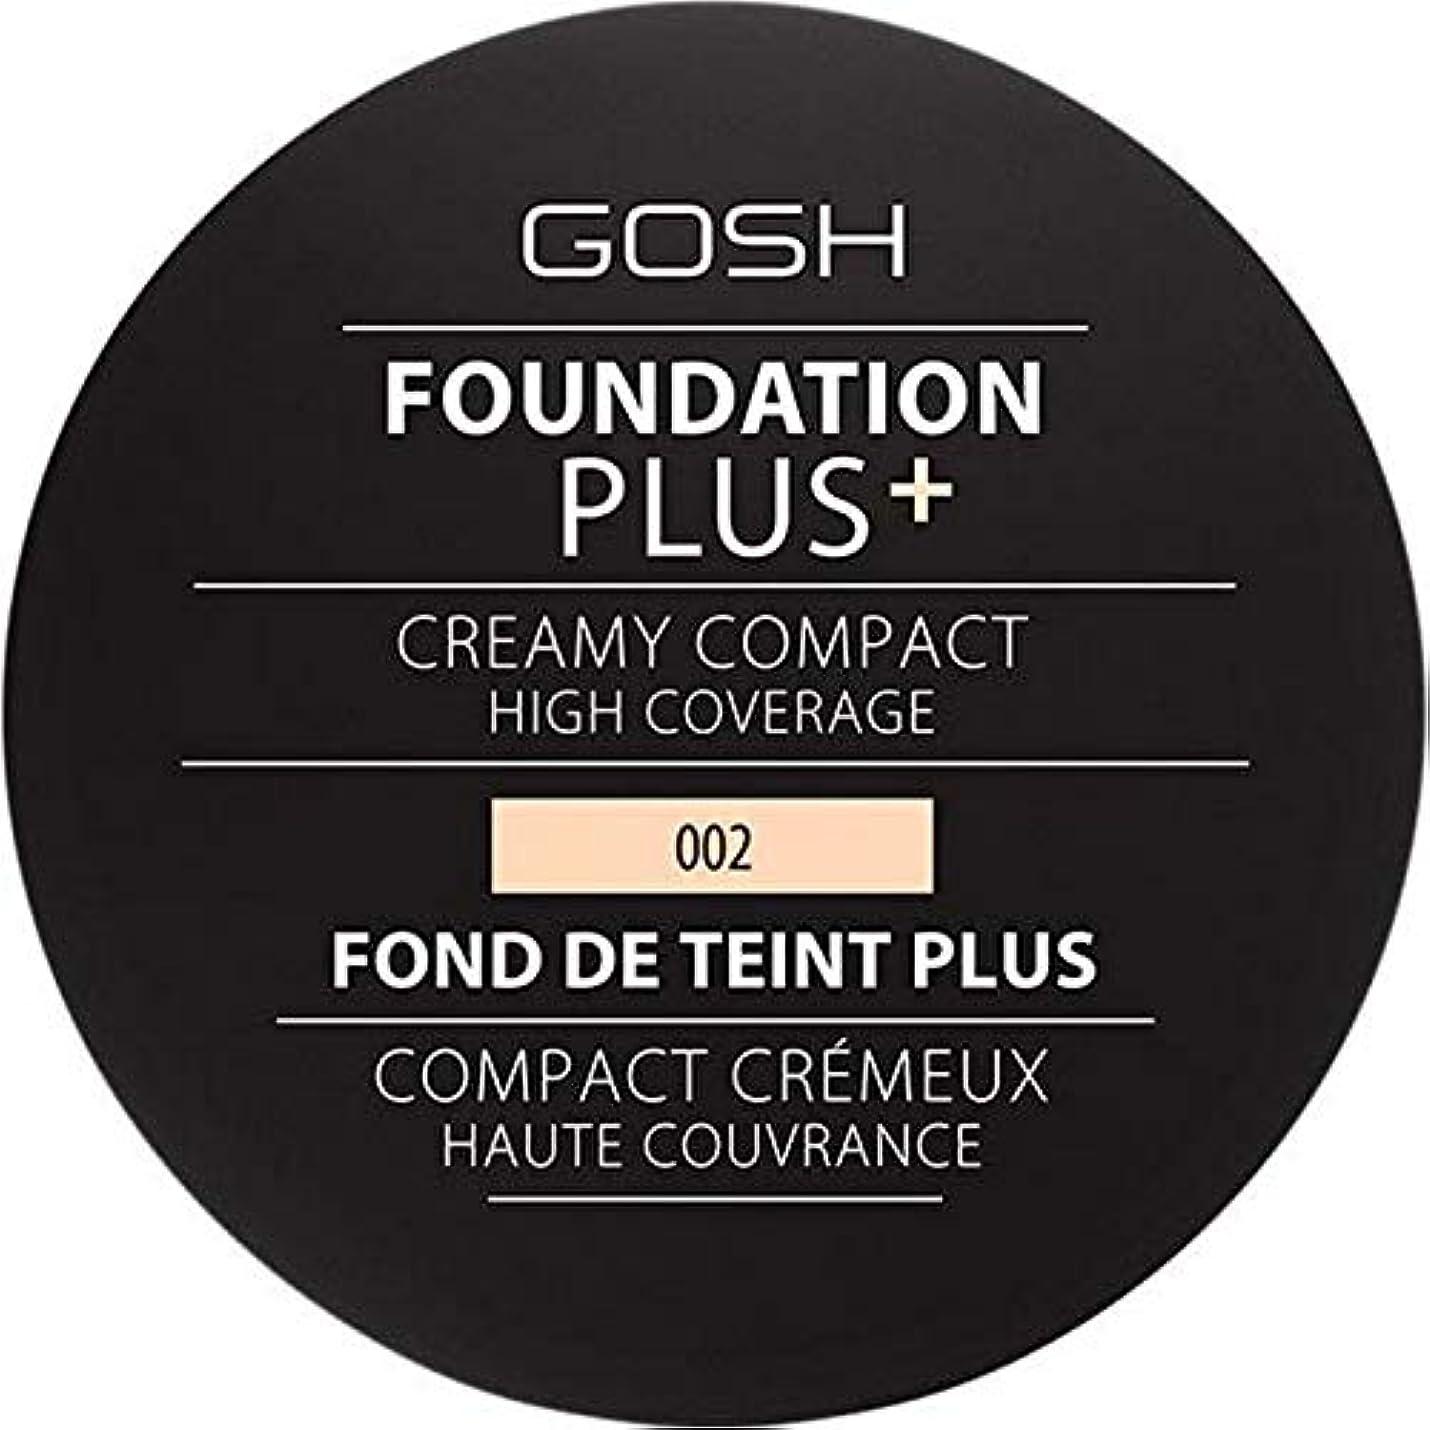 小説家ピア靄[GOSH ] 基礎プラス+クリーミーコンパクトアイボリー002 - Foundation Plus+ Creamy Compact Ivory 002 [並行輸入品]